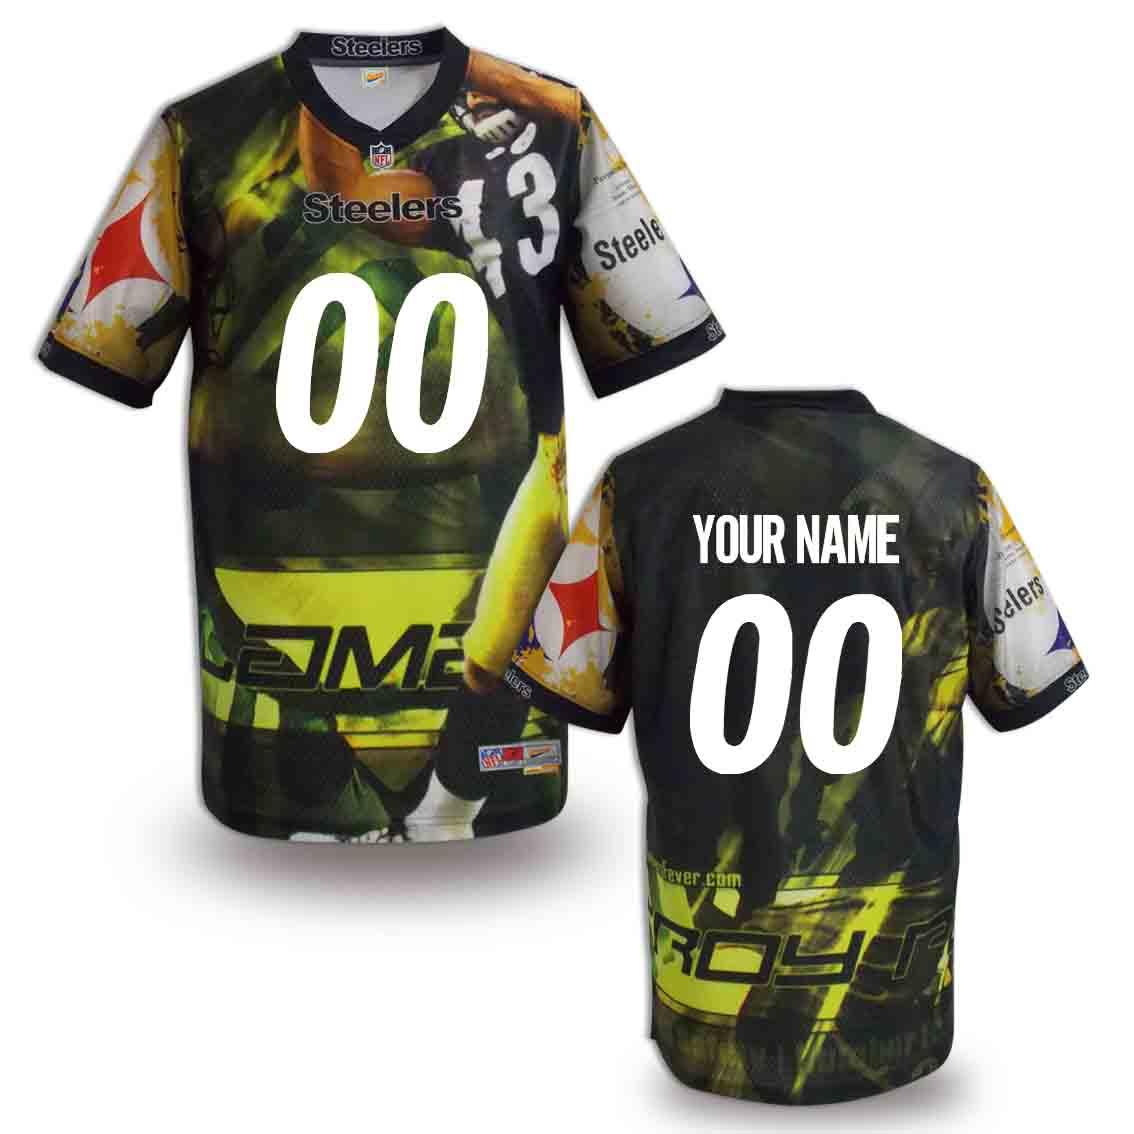 Nike Steelers Customized Fashion Stitched Jerseys01